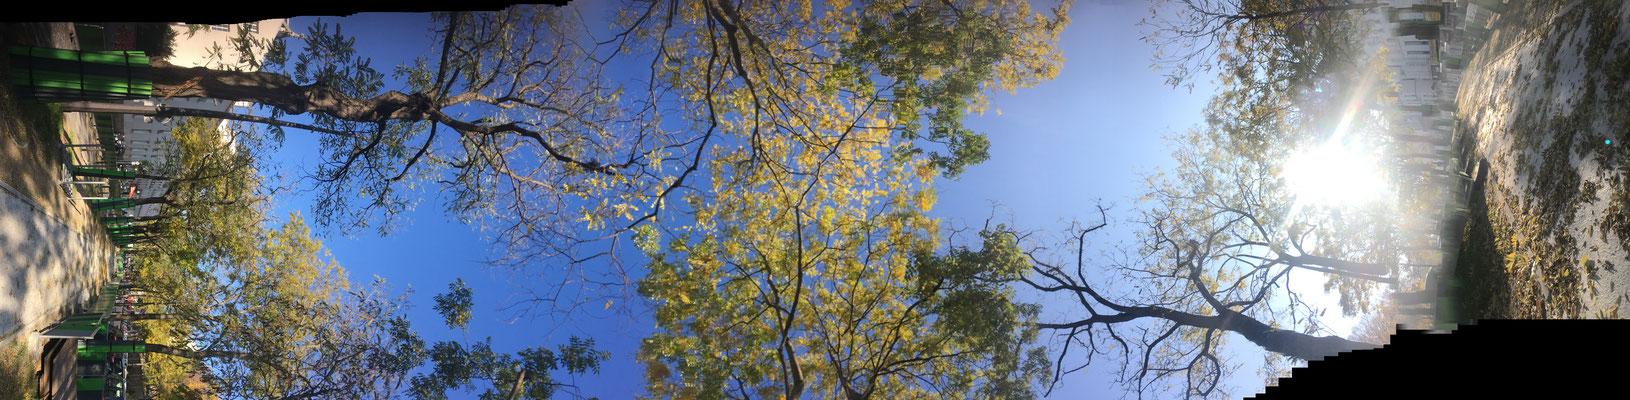 Pano Long arbre 12